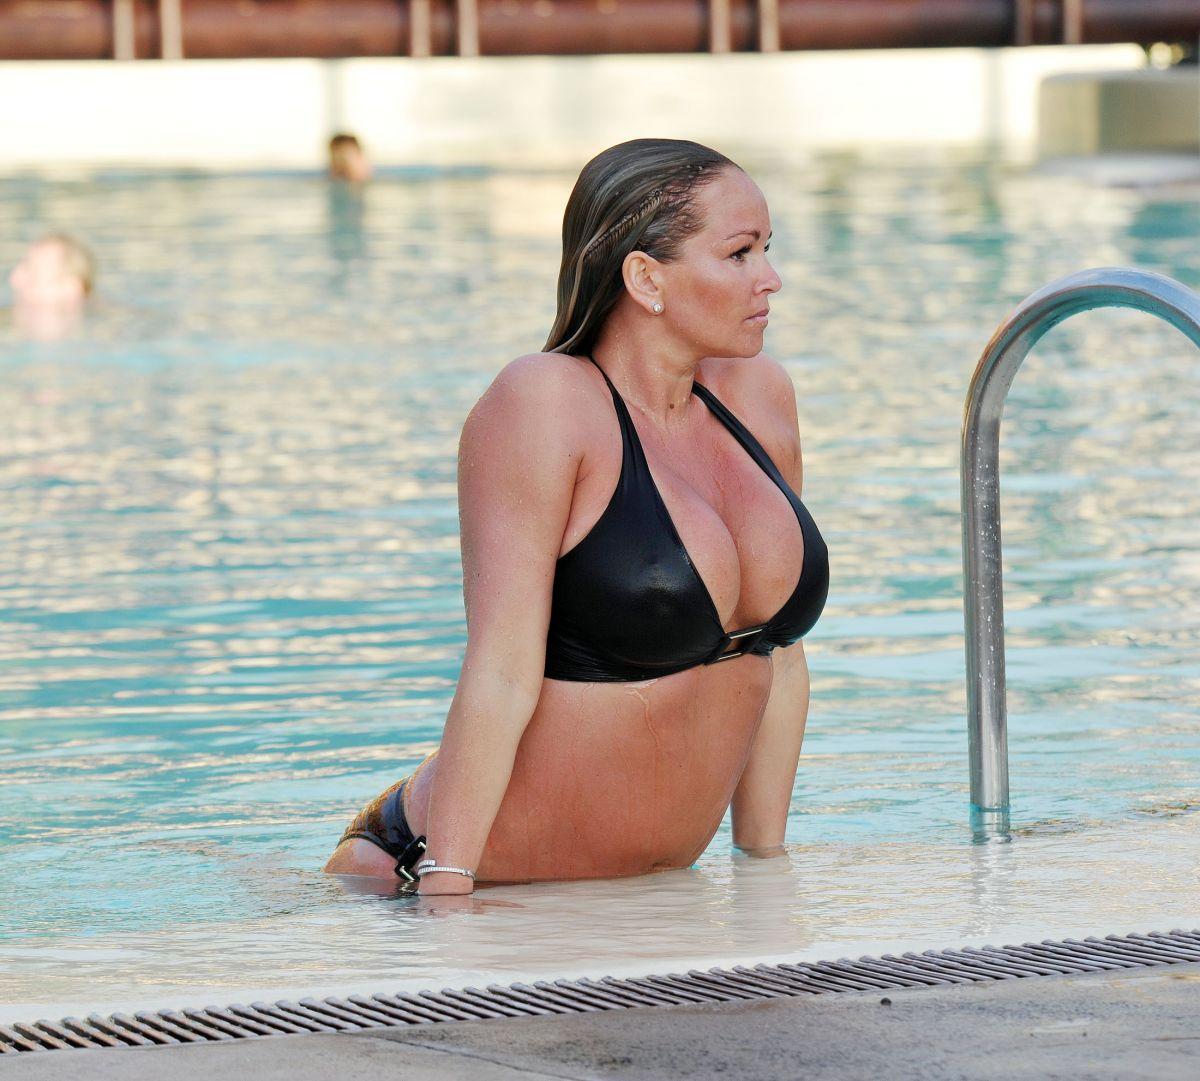 Son Jennifer ellison bikini Lucky guy